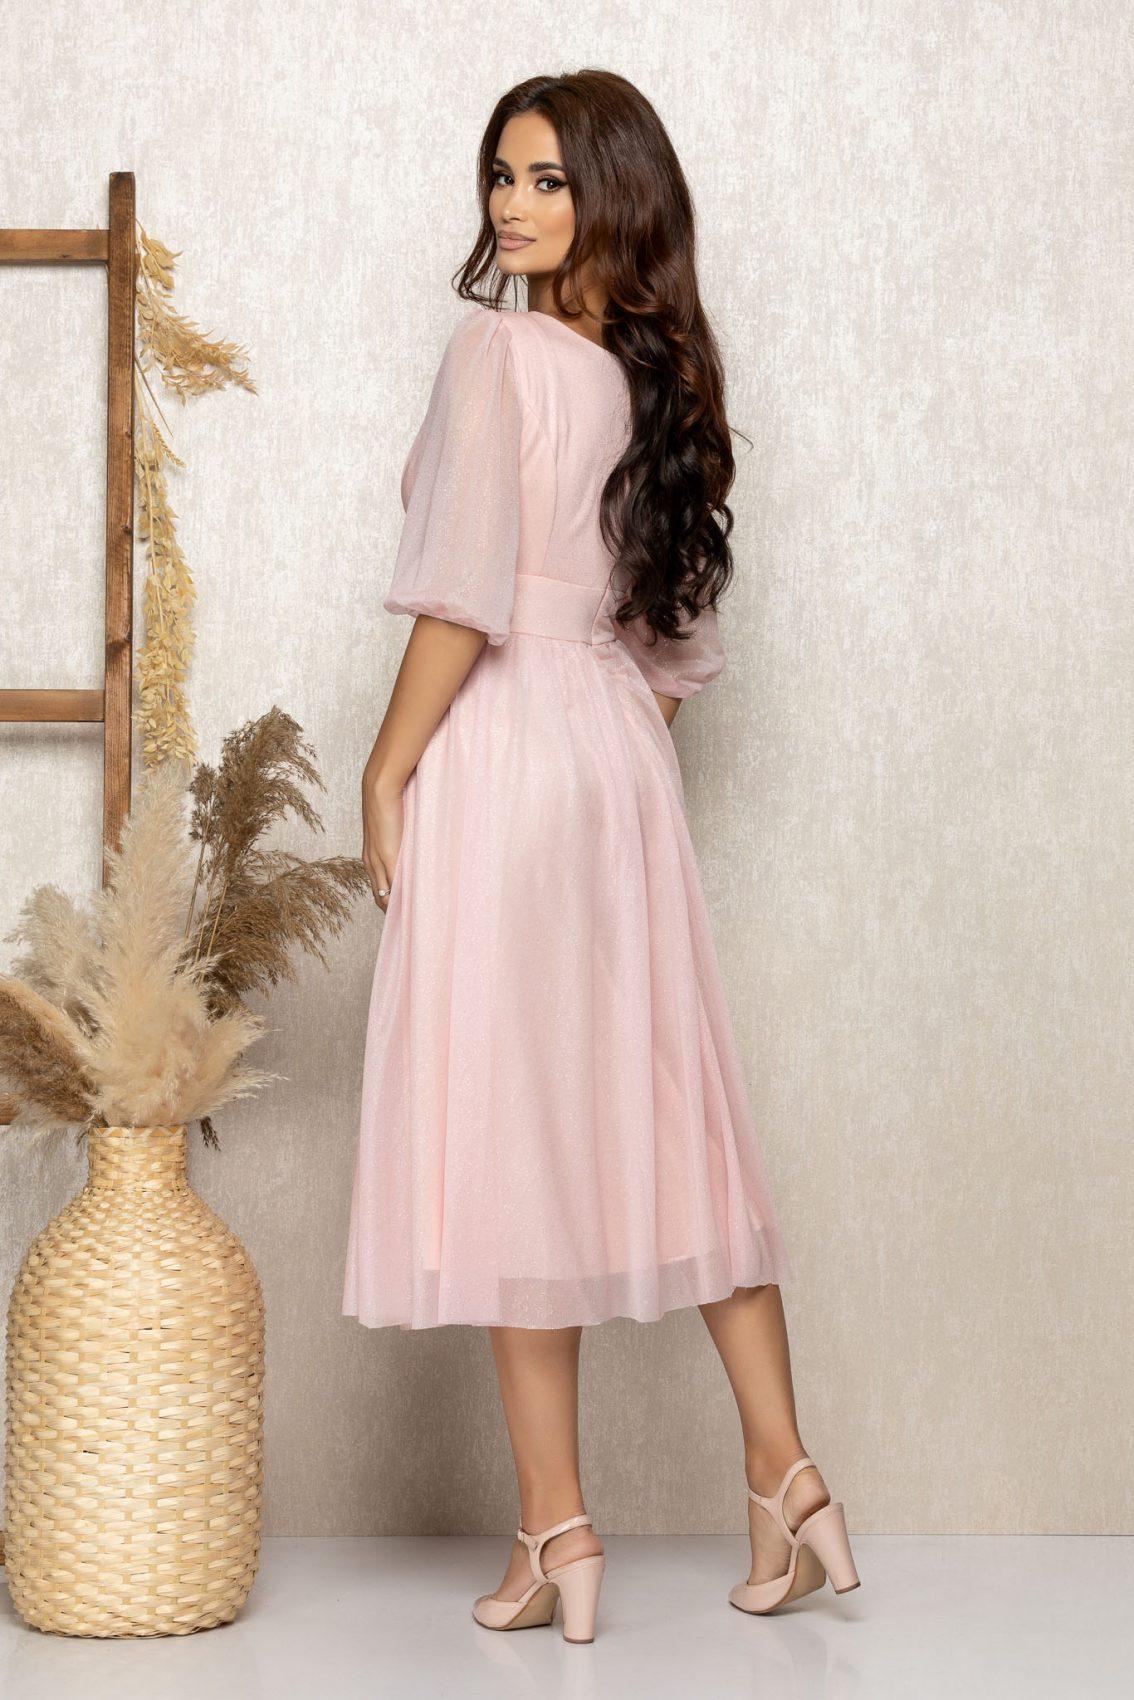 Ροζ Μίντι Βραδινό Φόρεμα Με Γκλίτερ Nicolette T305 2